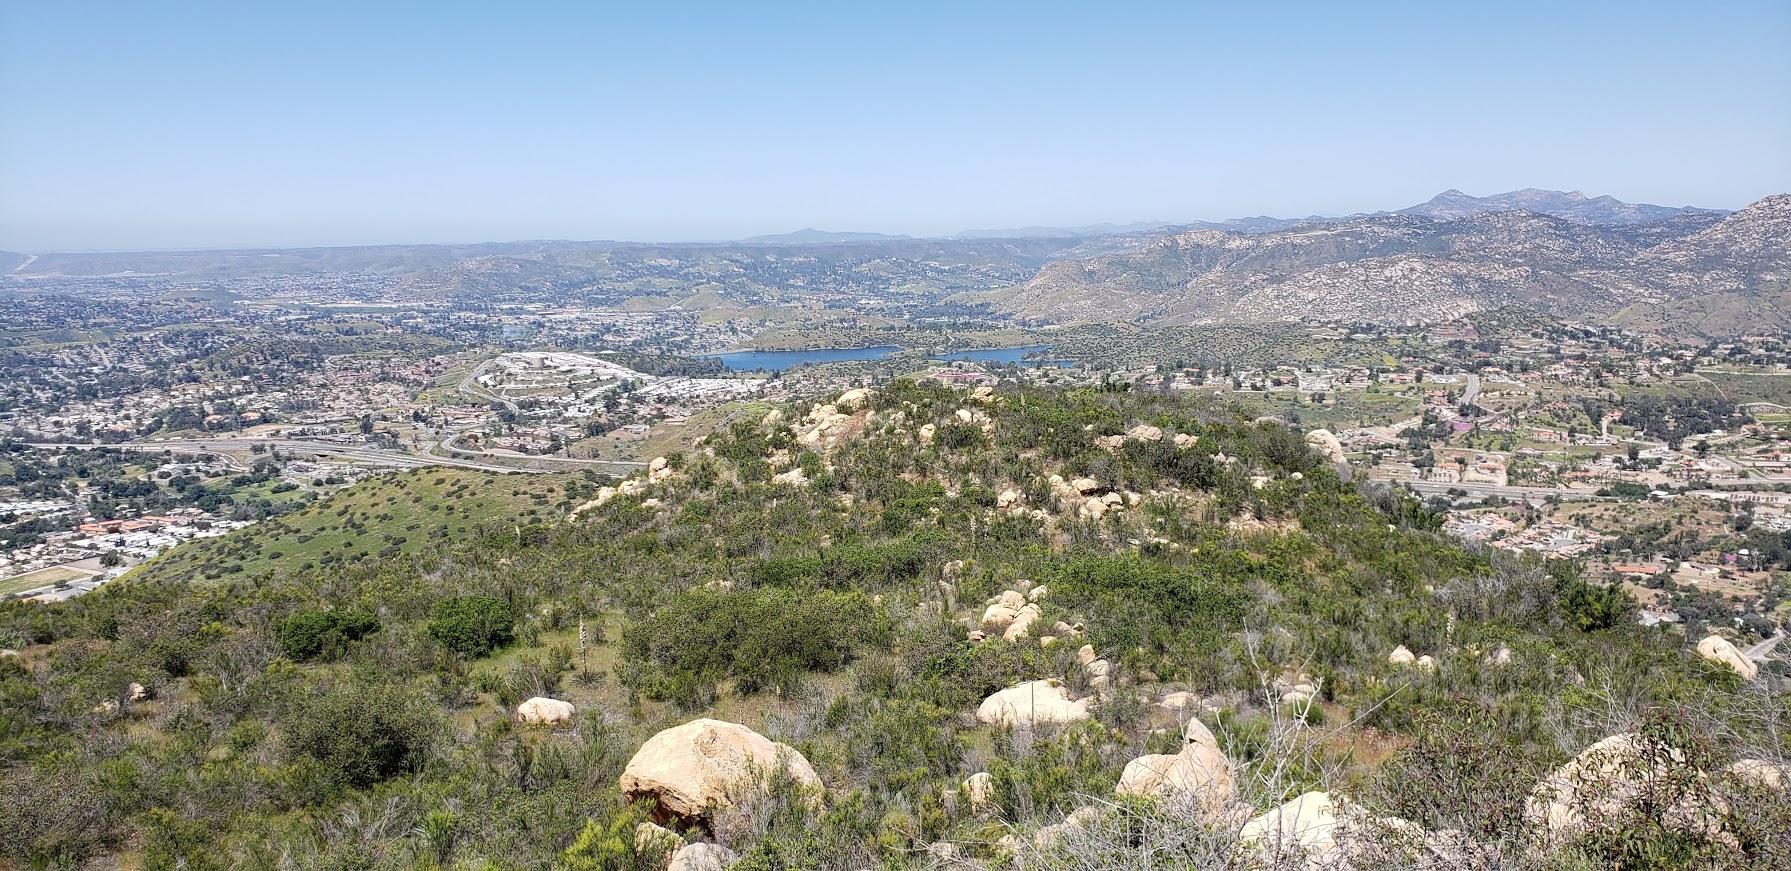 views from flinn